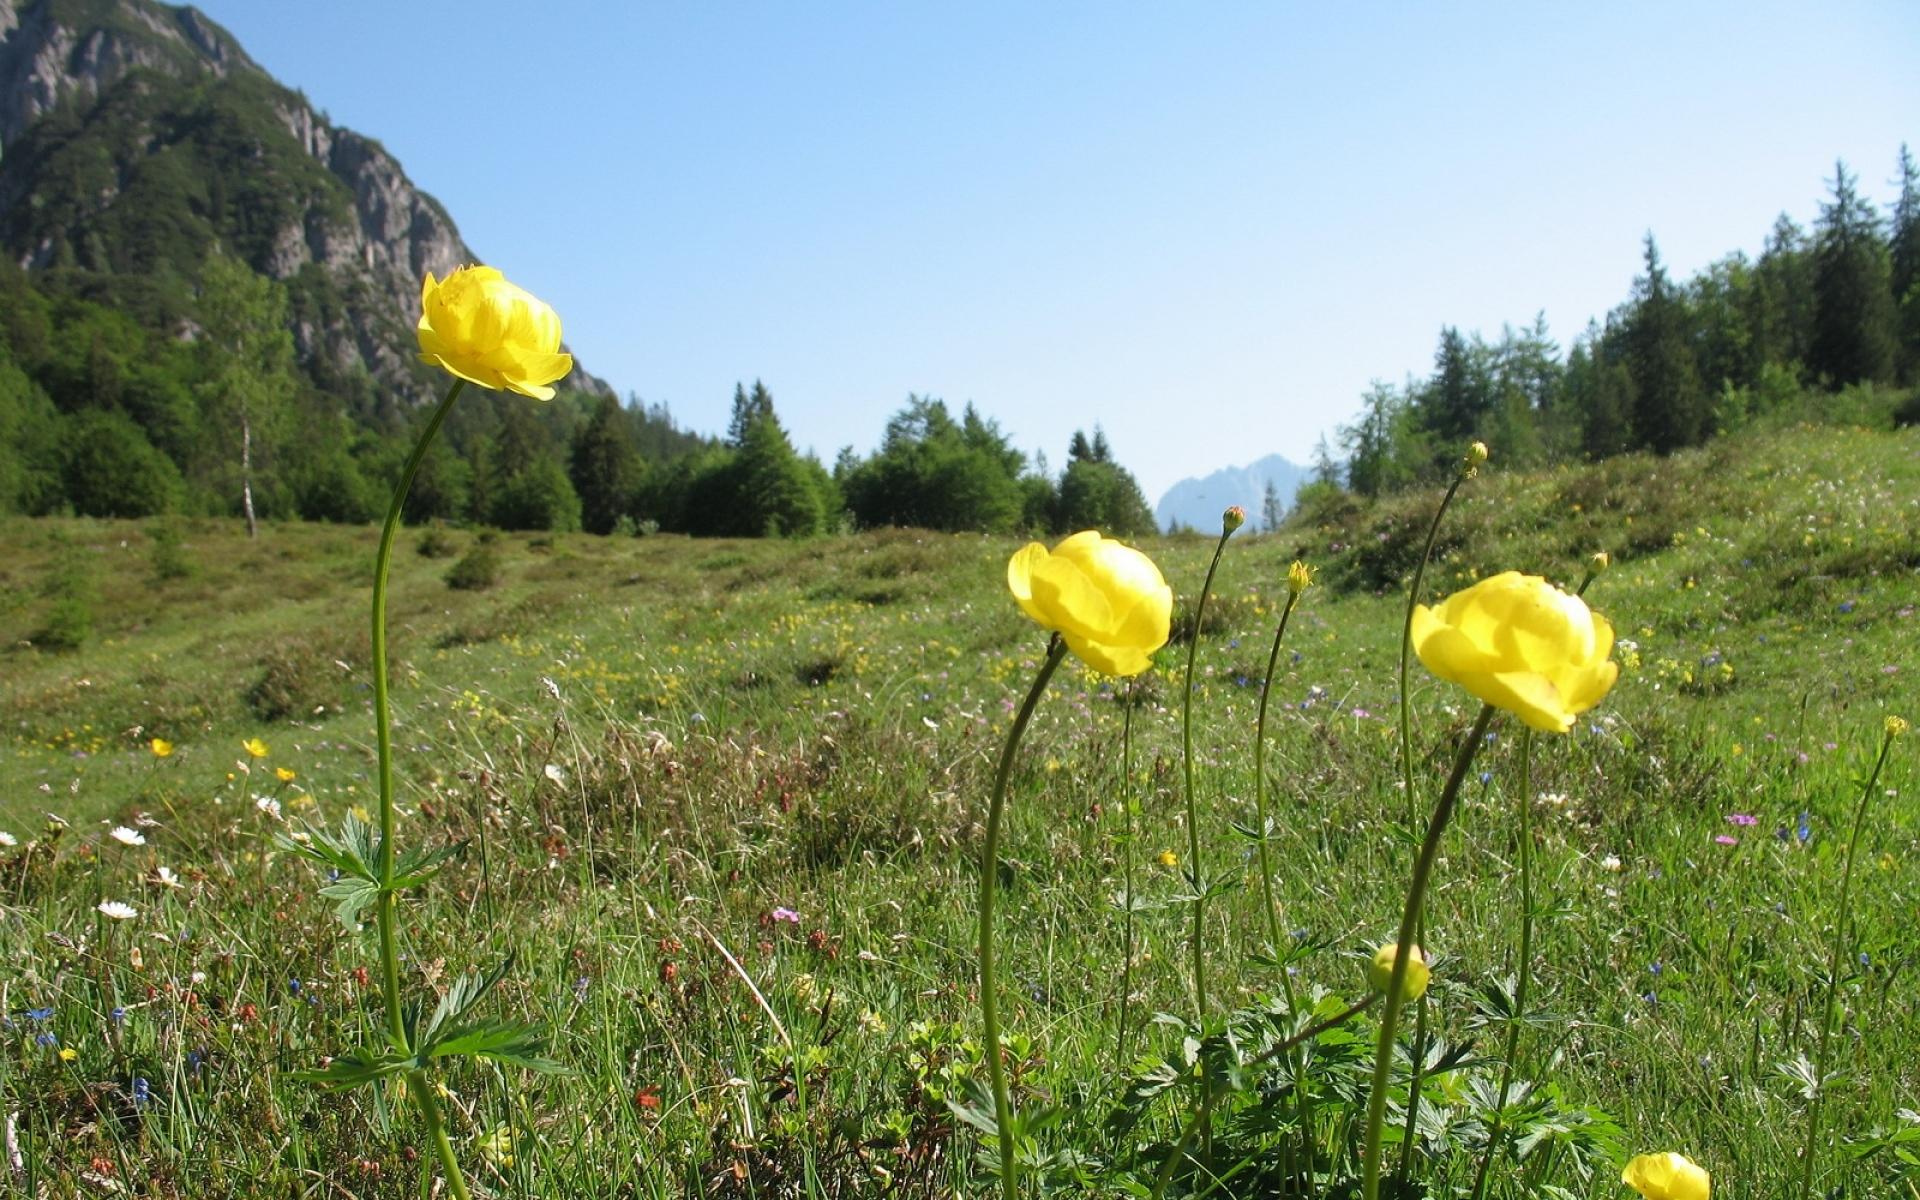 Картинки Цветы, травы, природа, горы, деревья, небо фото и обои на рабочий стол